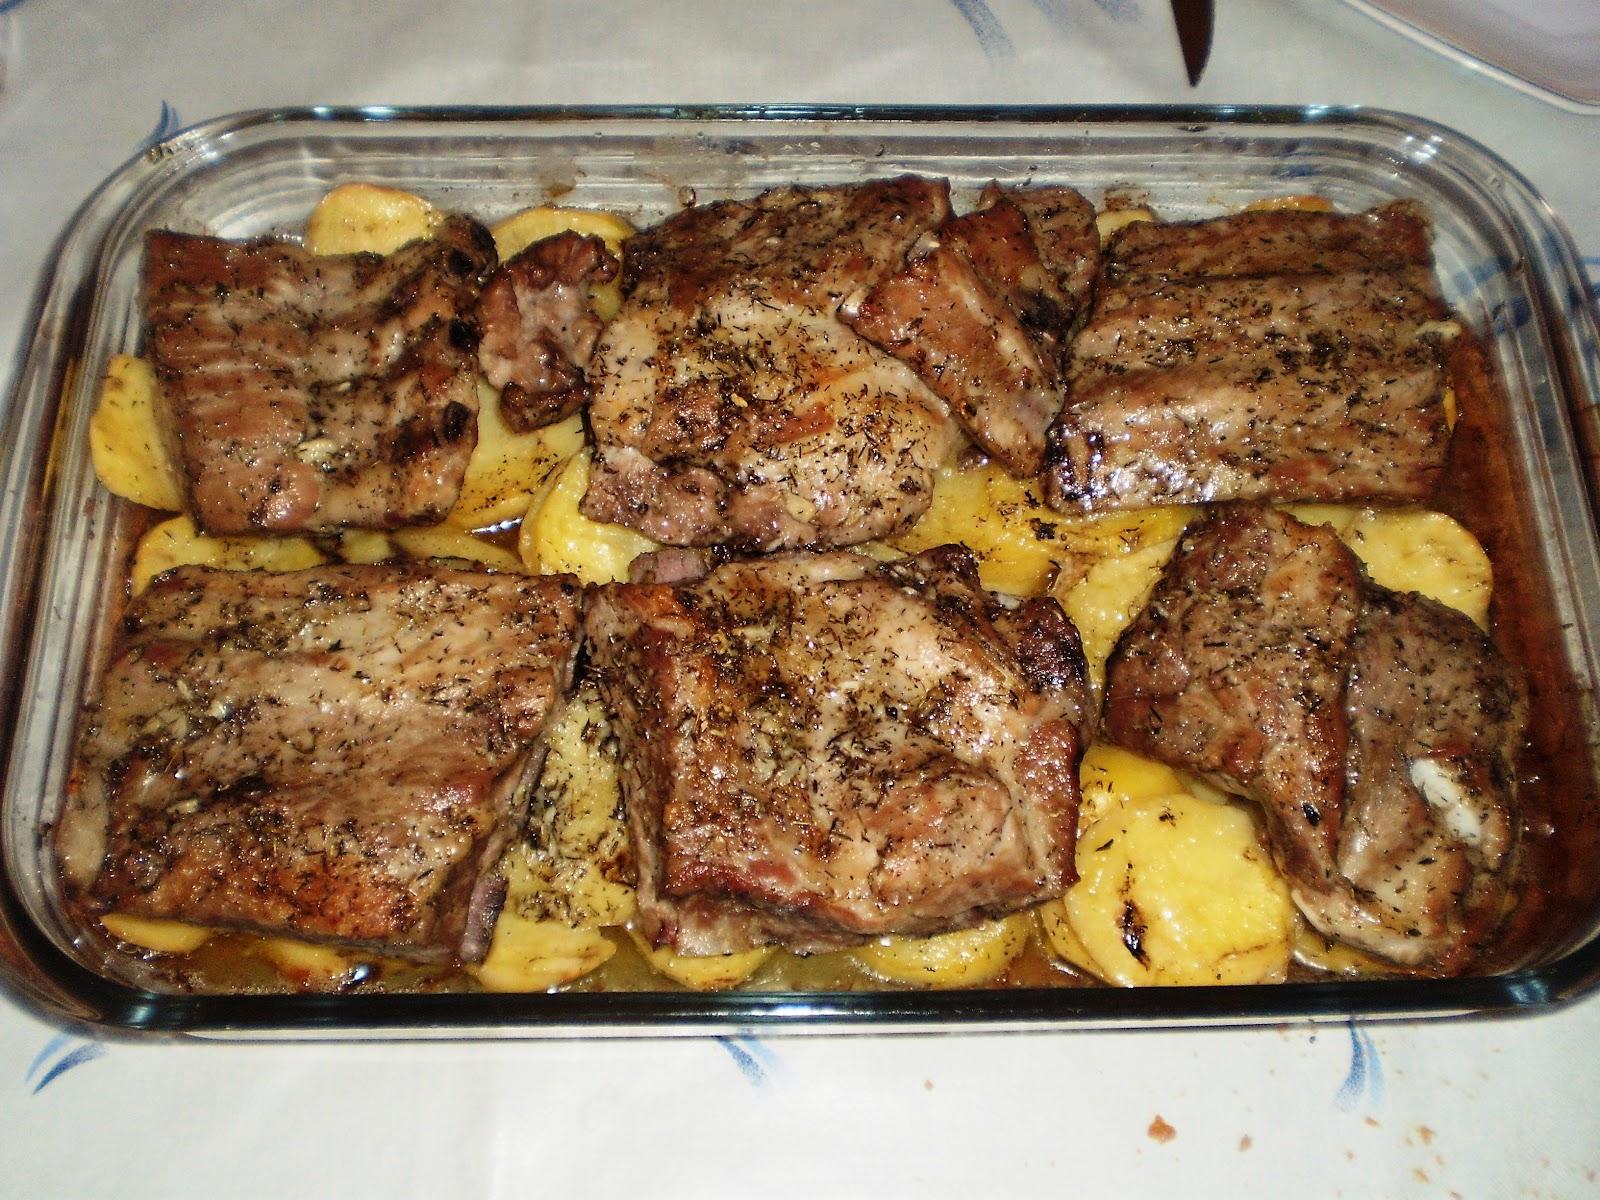 Cocina sin tonterias costillas de cerdo al horno con patatas panadera - Cocina al horno ...